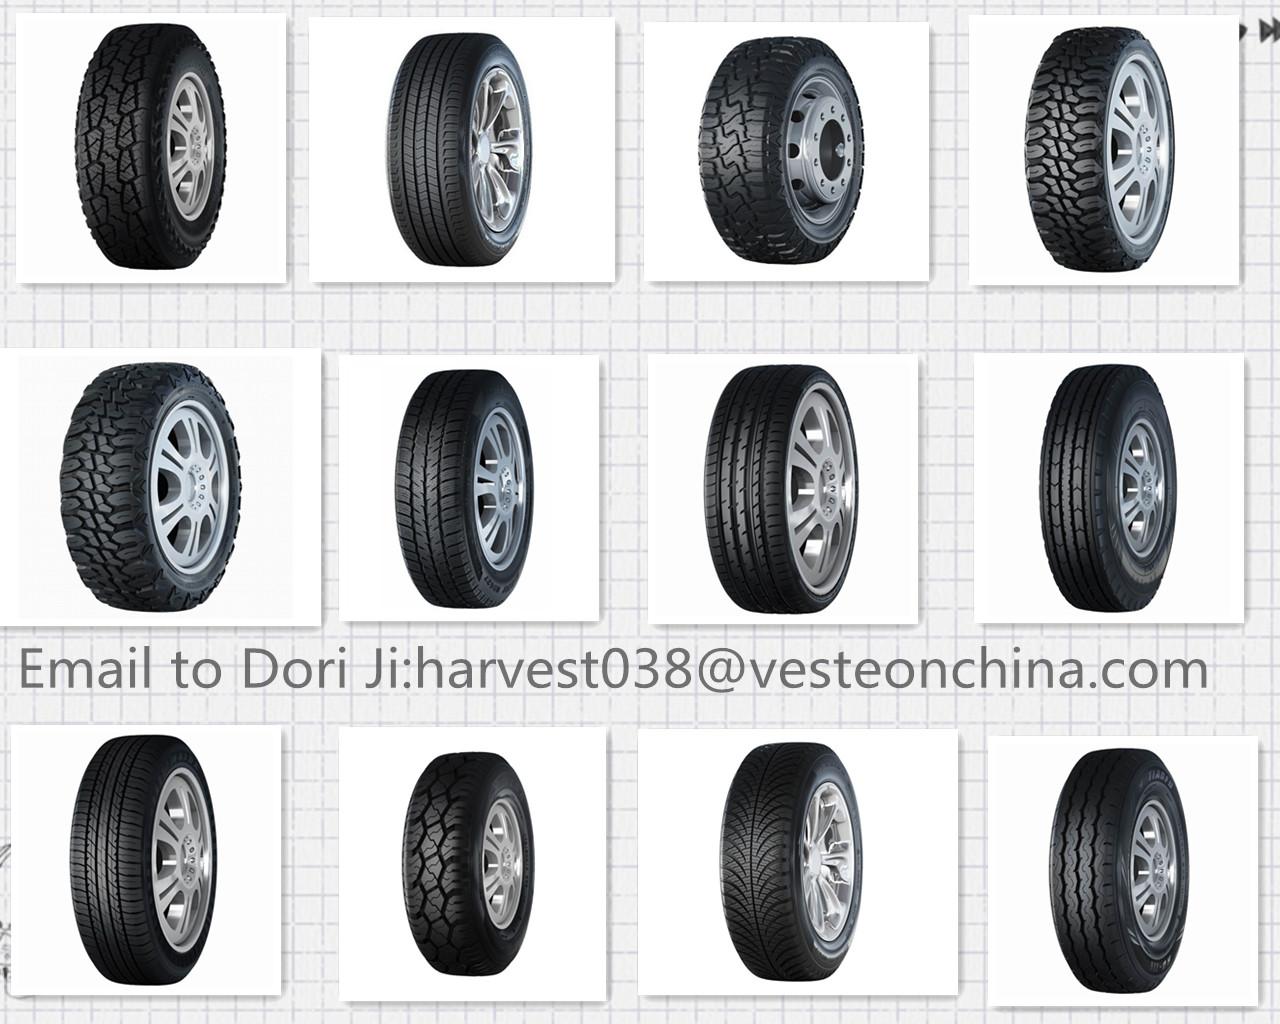 175/70r14 pneus de voiture pneus chinois marques 17570r14 taille r14 double king marque usine pneu dk558